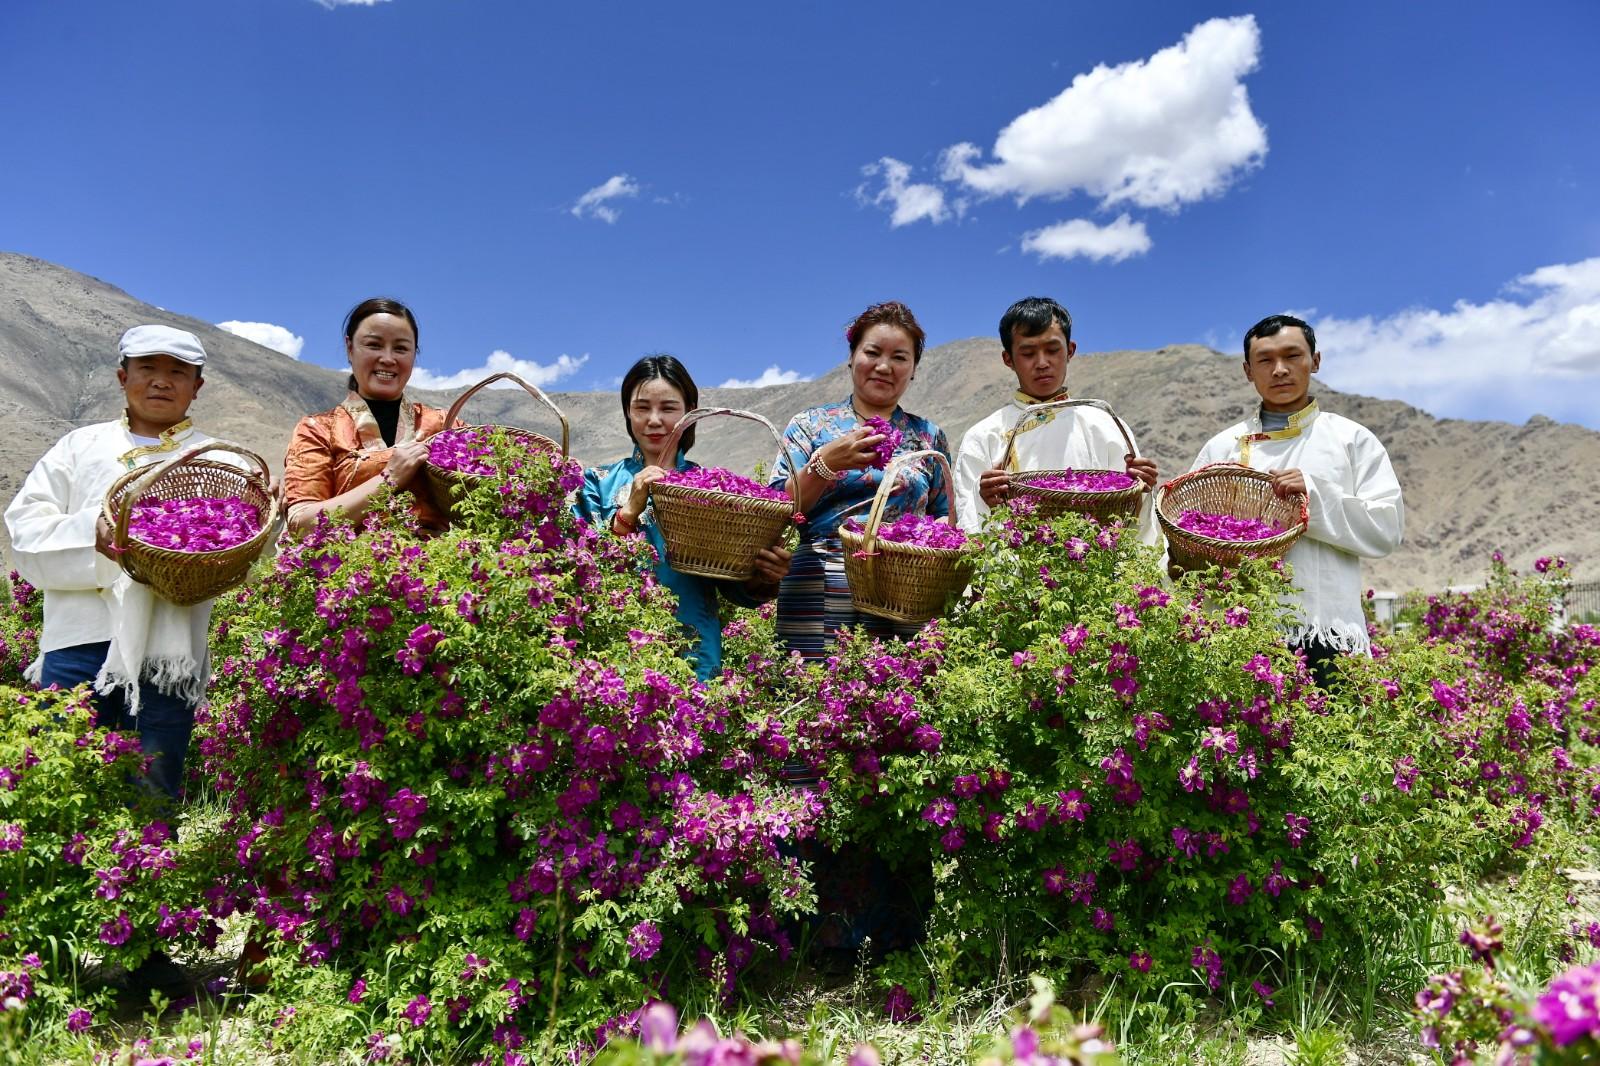 高原玫瑰芬芳四溢迎宾客     在拉萨市达孜区现代农业产业园,西藏玫瑰生物科技发展有限公司的员工和游客展示采摘的玫瑰花(6月9日摄)。     近日,在西藏拉萨市达孜区现代农业产业园,由西藏玫瑰生物科技发展有限公司种植的200亩玫瑰盛开,吸引众多游客前来观赏采摘。     新华社记者 张汝锋 摄